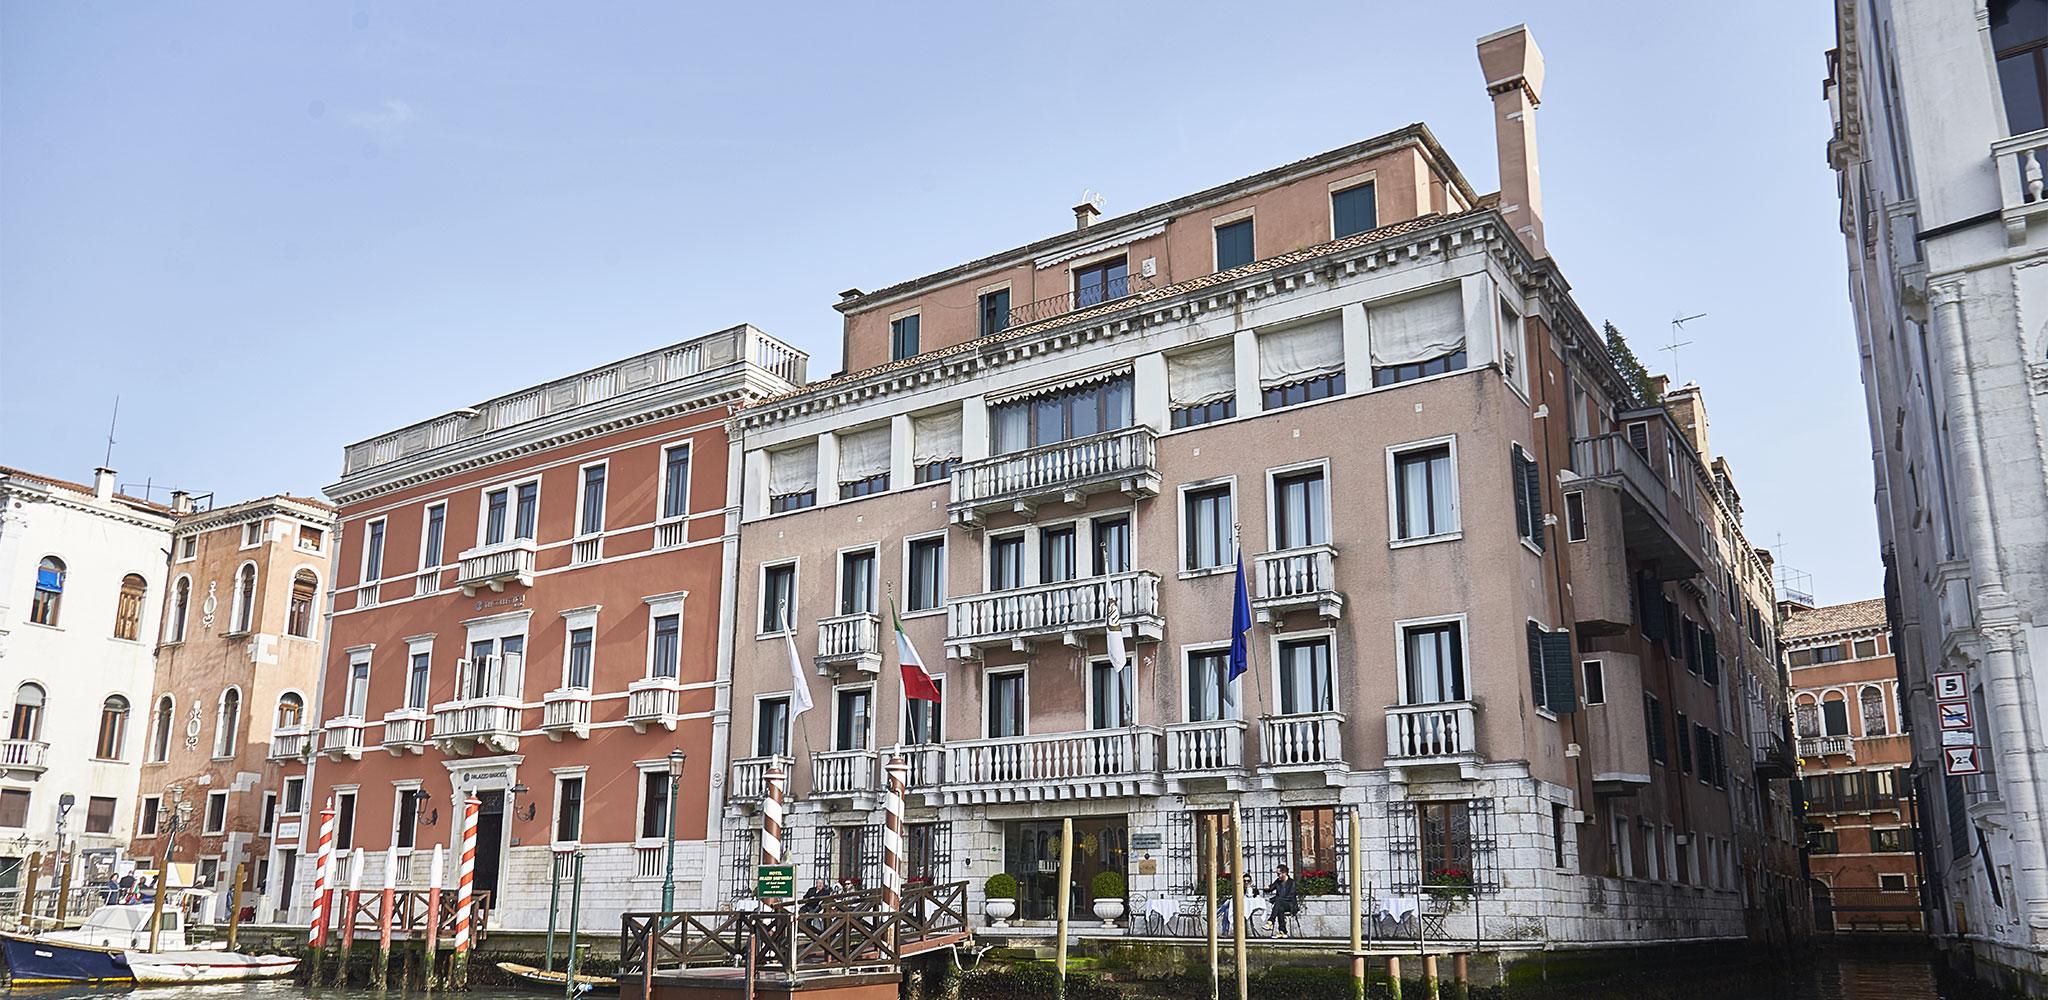 Gallery sina palazzo sant 39 angelo venezia sito ufficiale for Sina hotel venezia